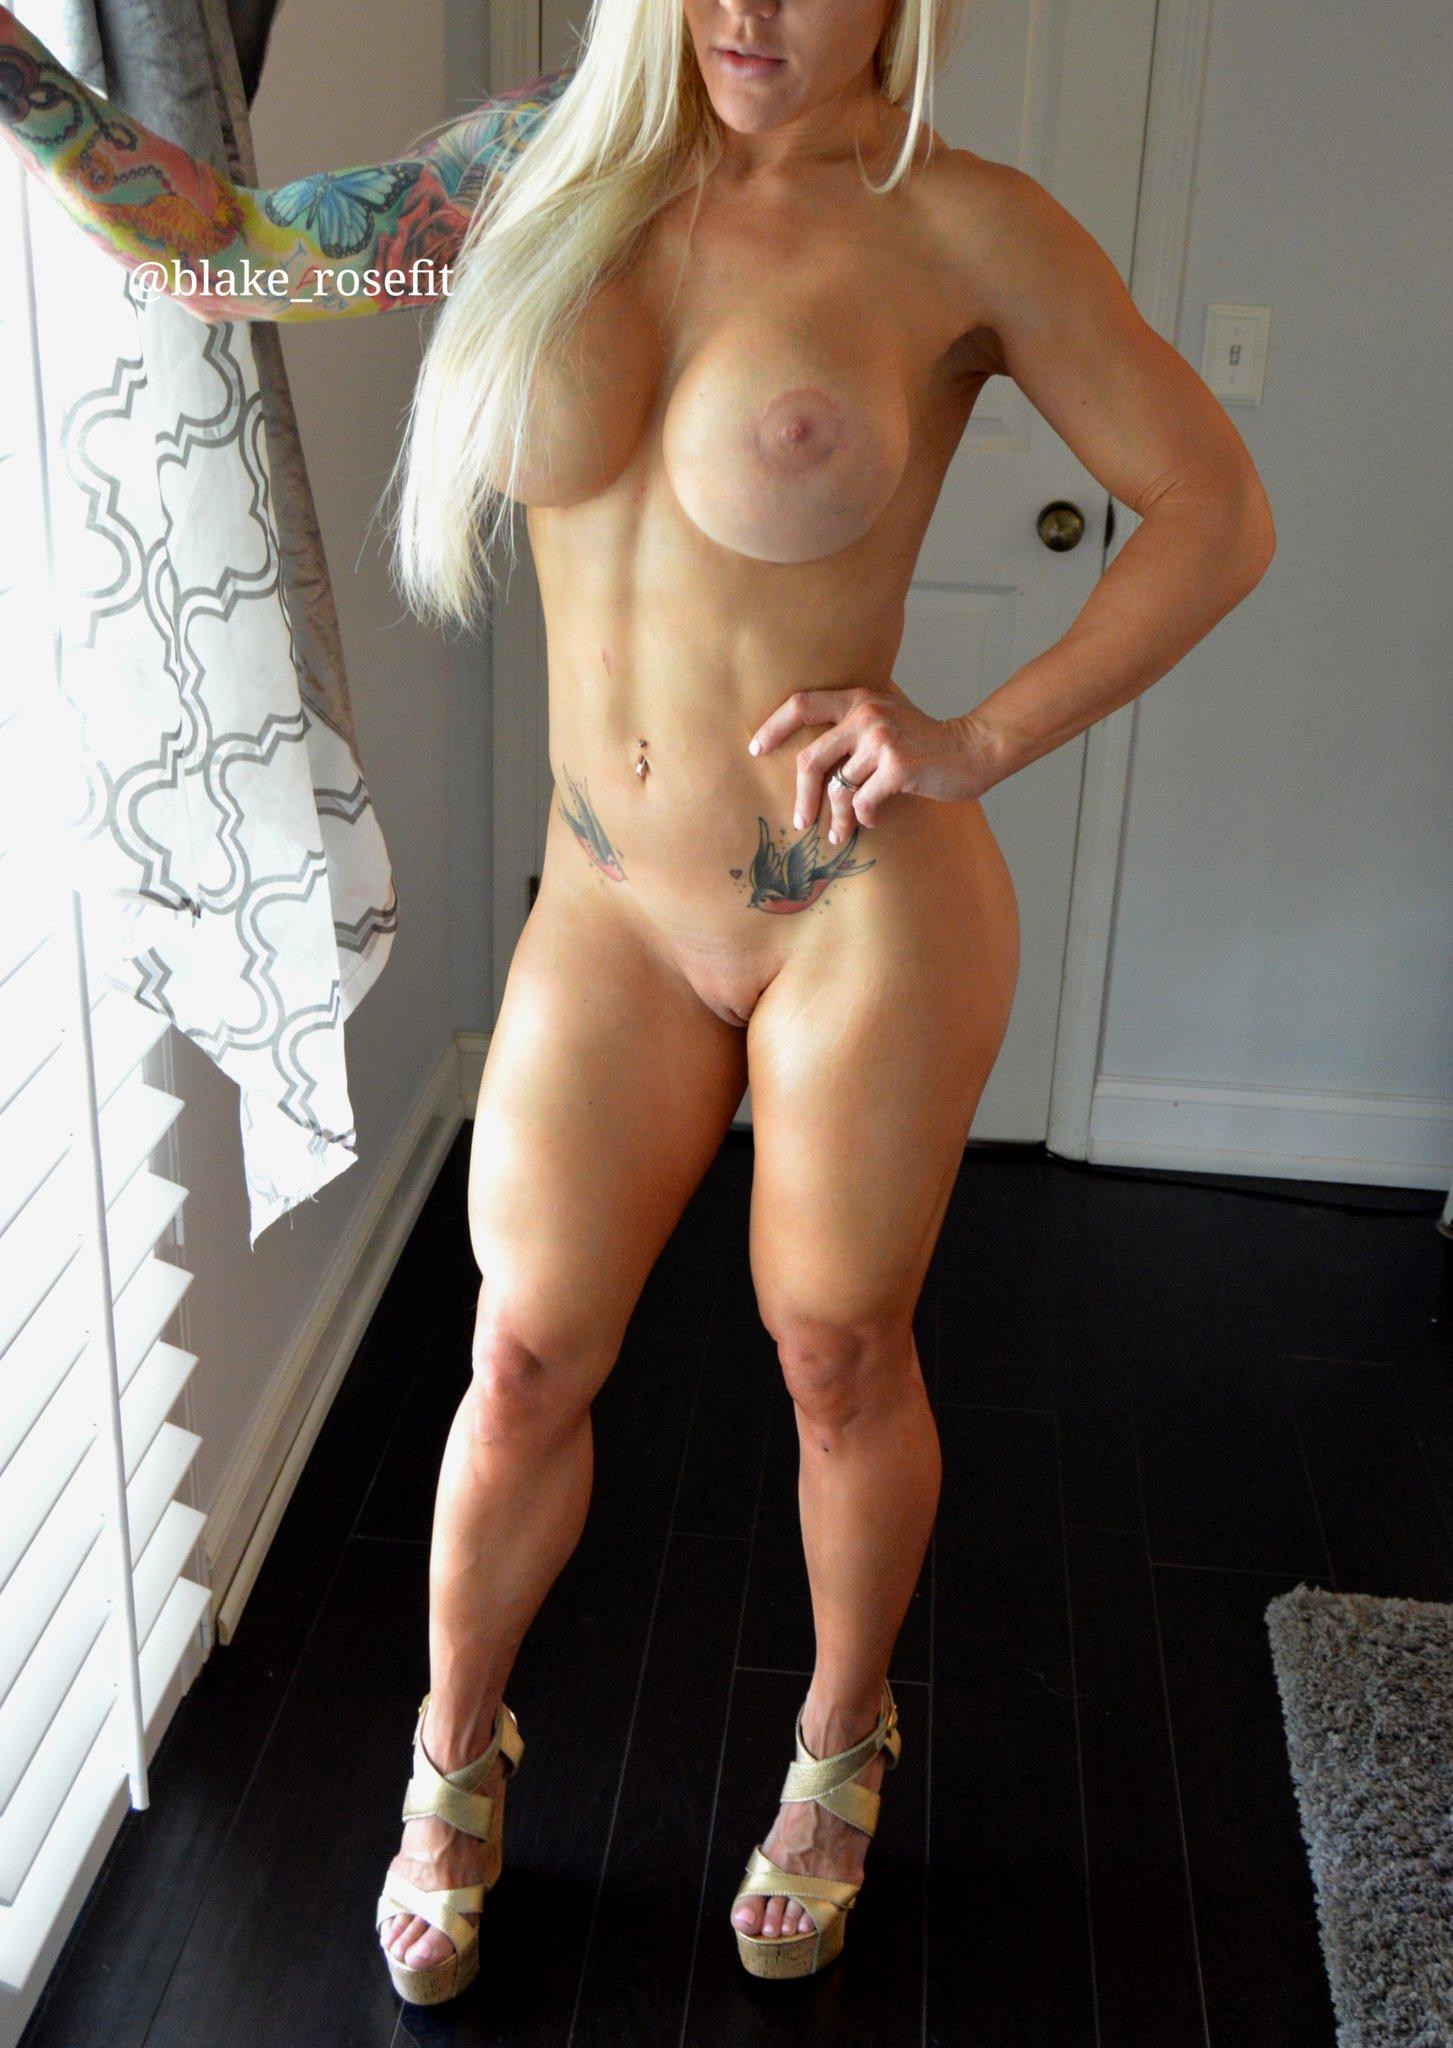 Blake Rose Nude Blake Rosefit Onlyfans Leaked! 0013